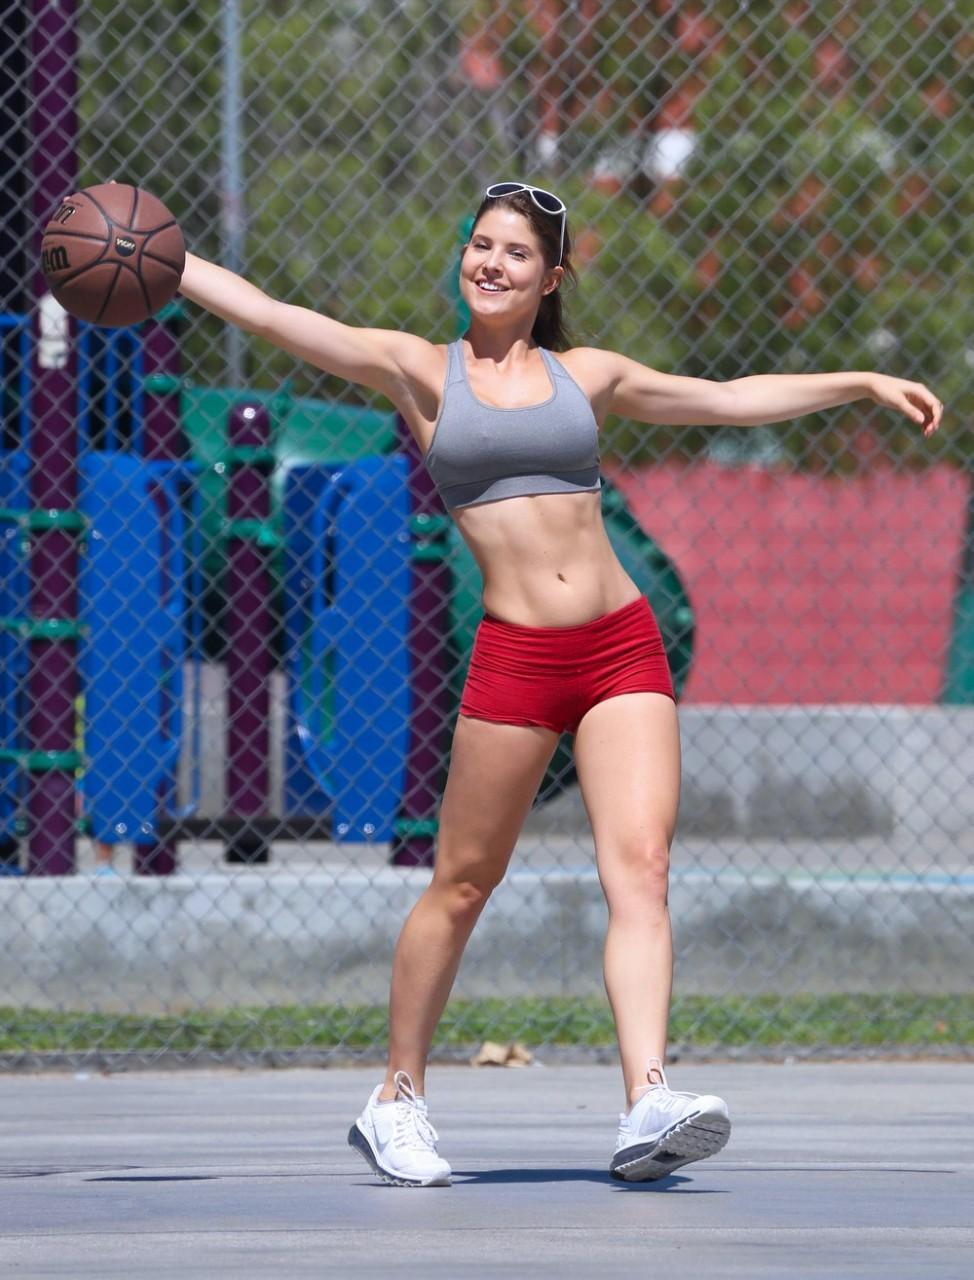 Соблазнительные девушки с подтянутой спортивной фигурой девушки